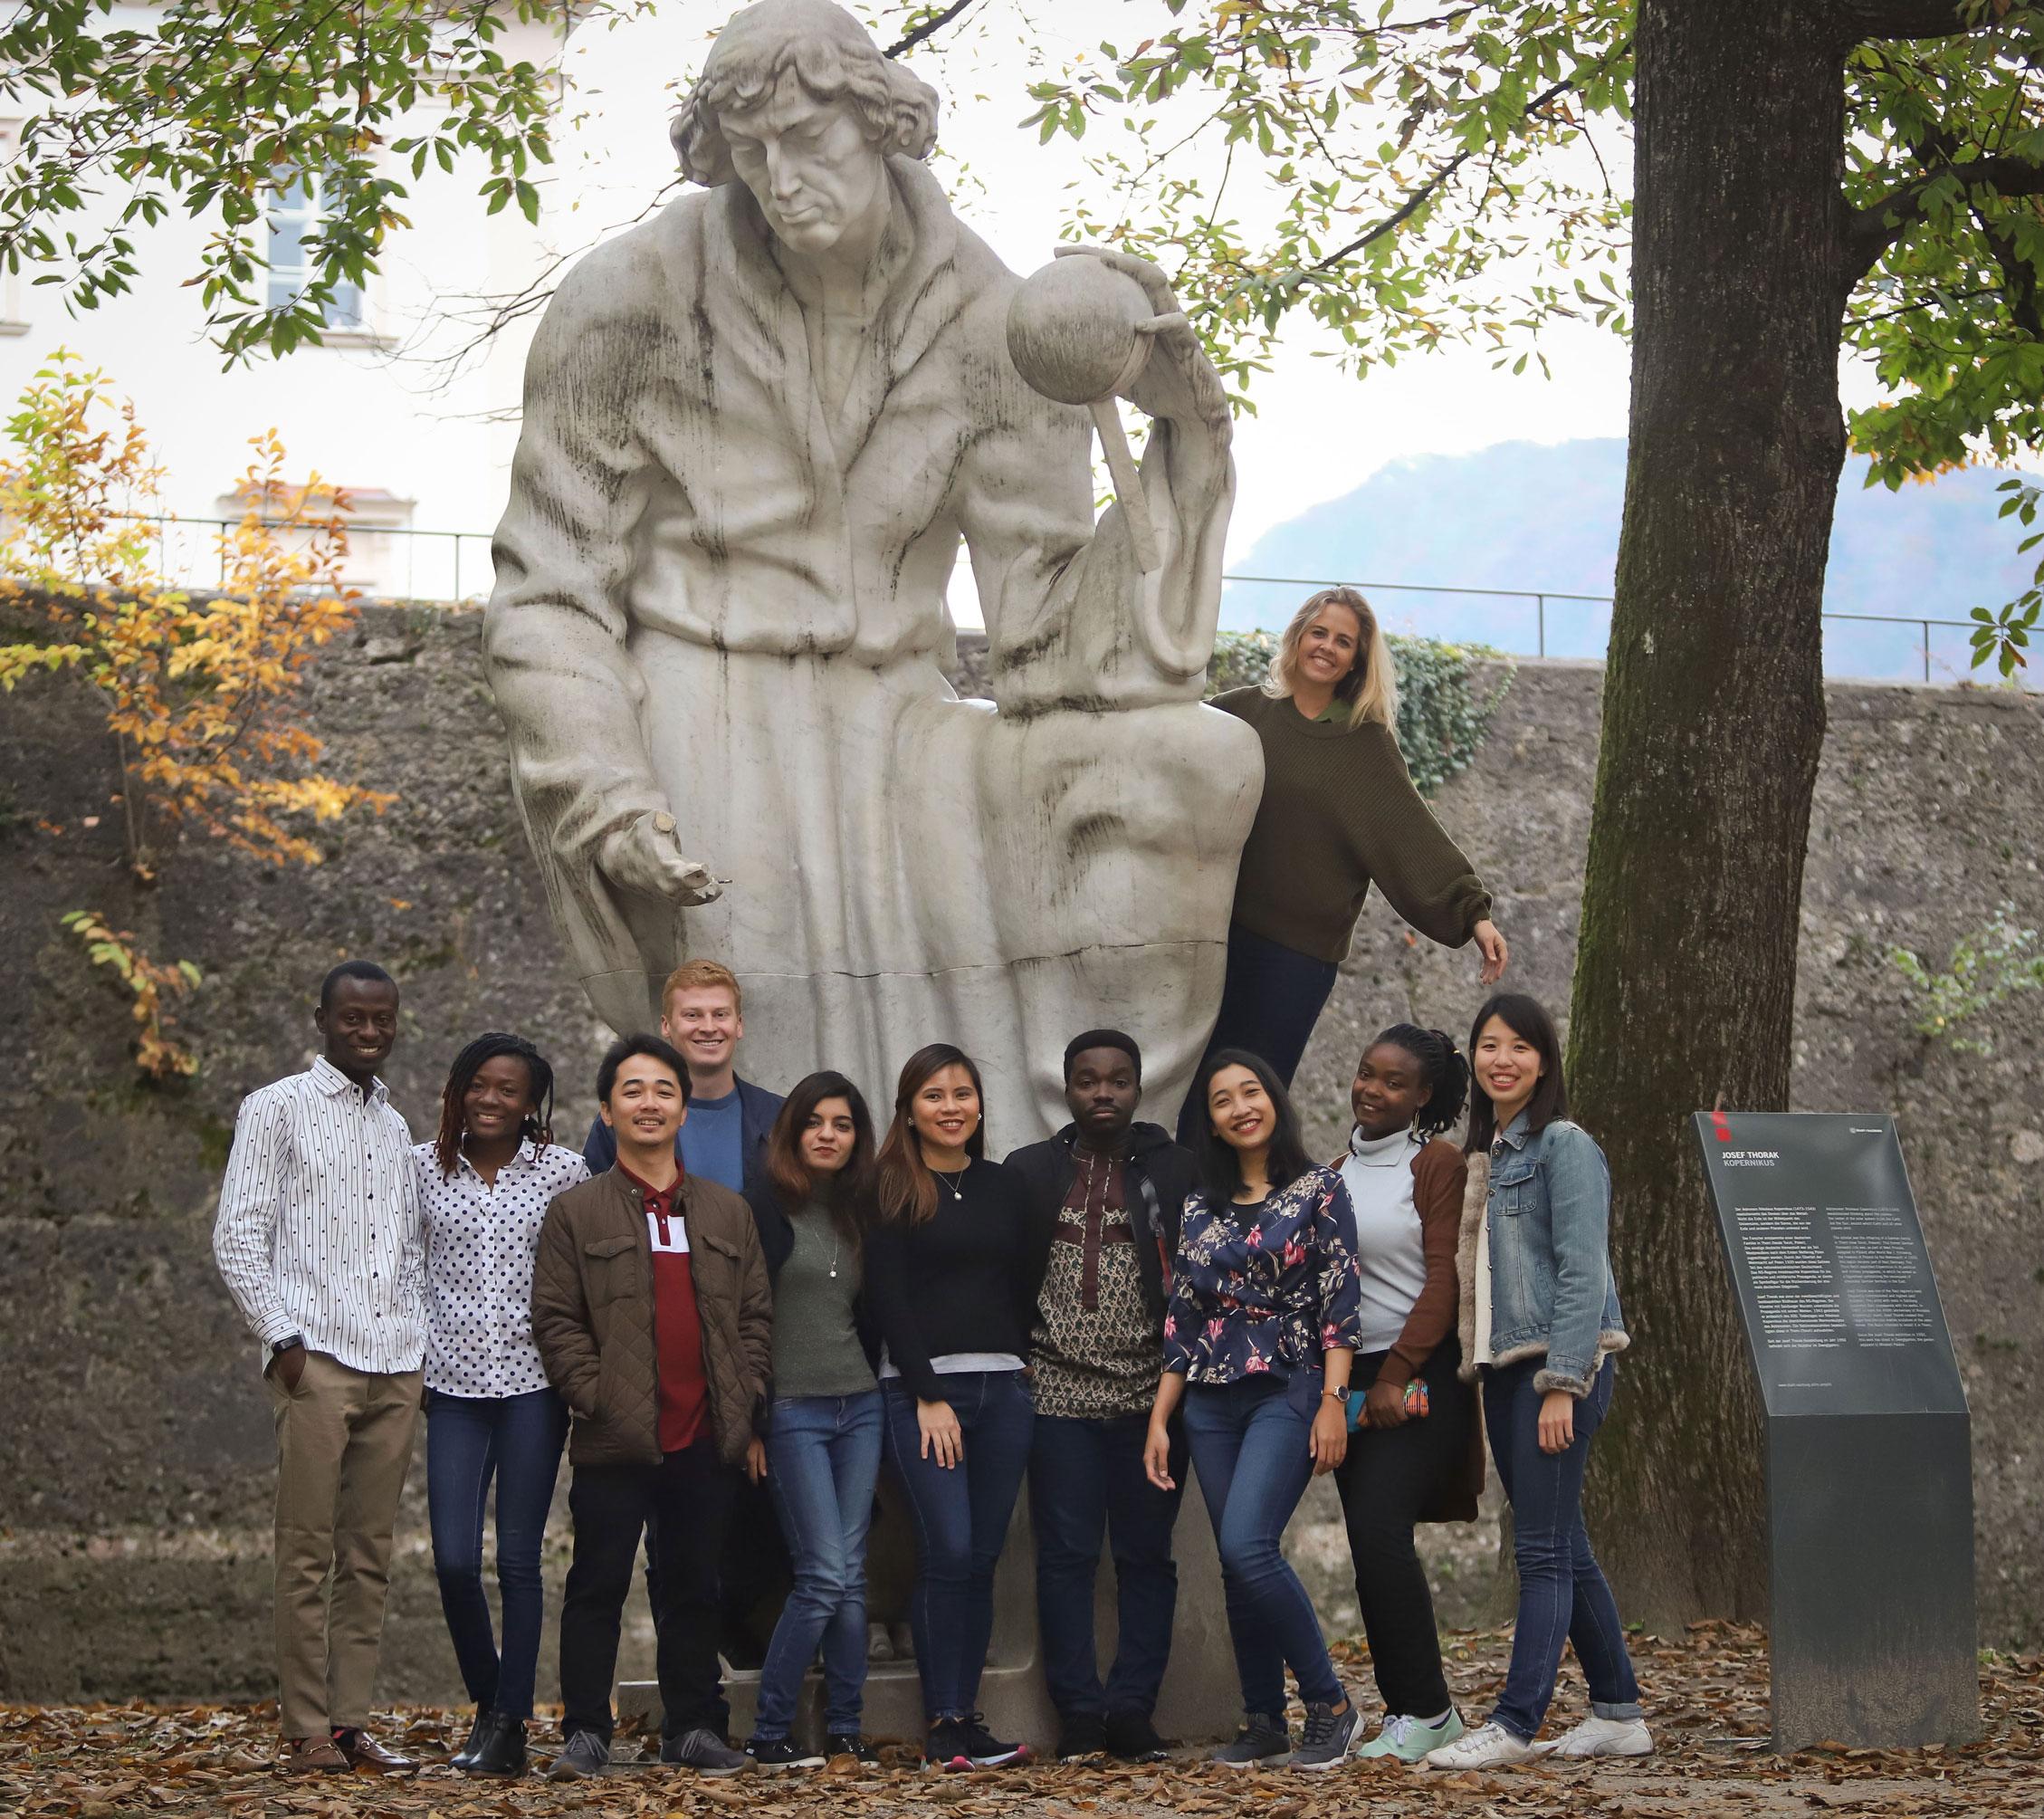 Gruppenbild von Erasmus Student*innen an einer Statue